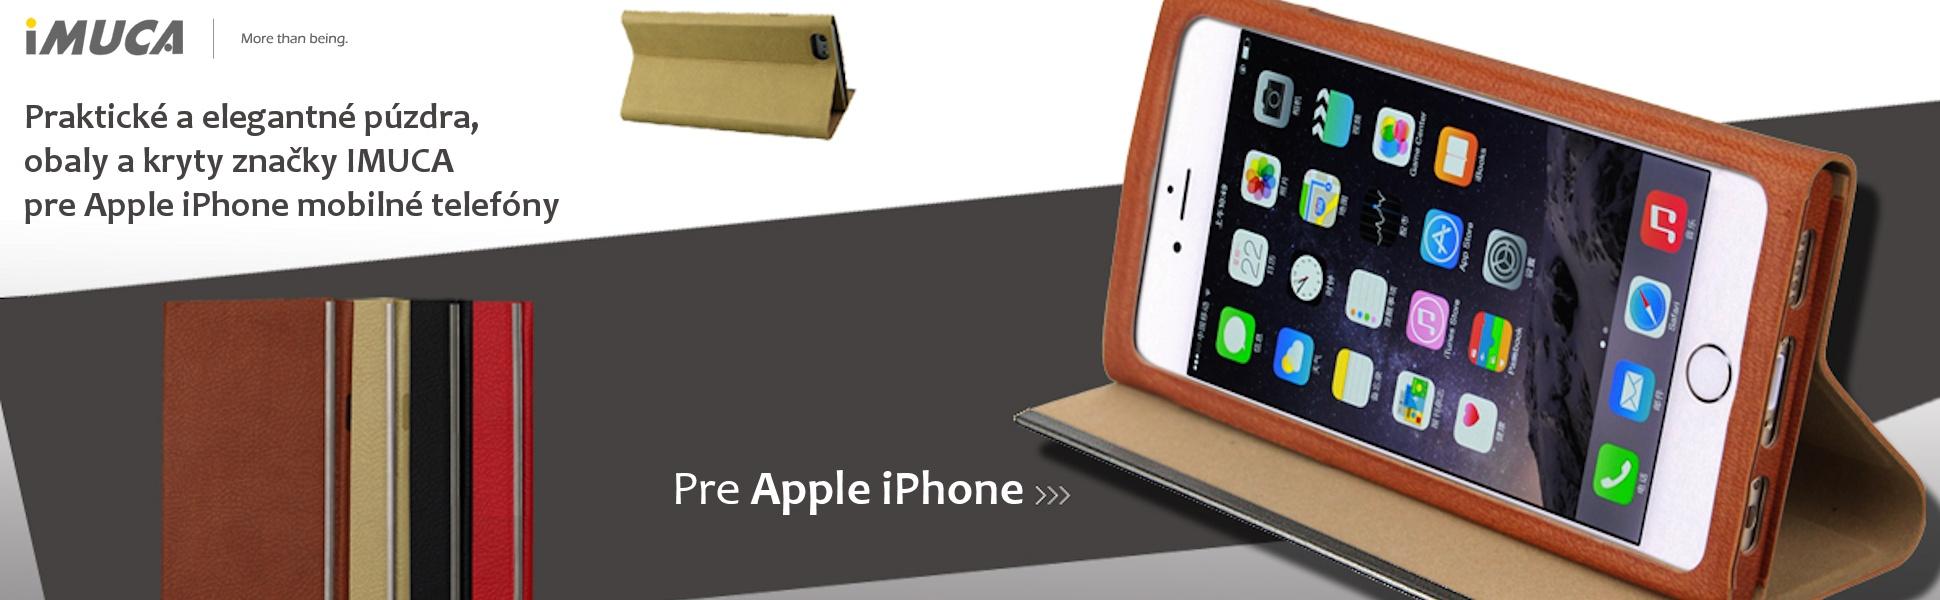 Praktické a elegantné púzdra, obaly a kryty na iPhone